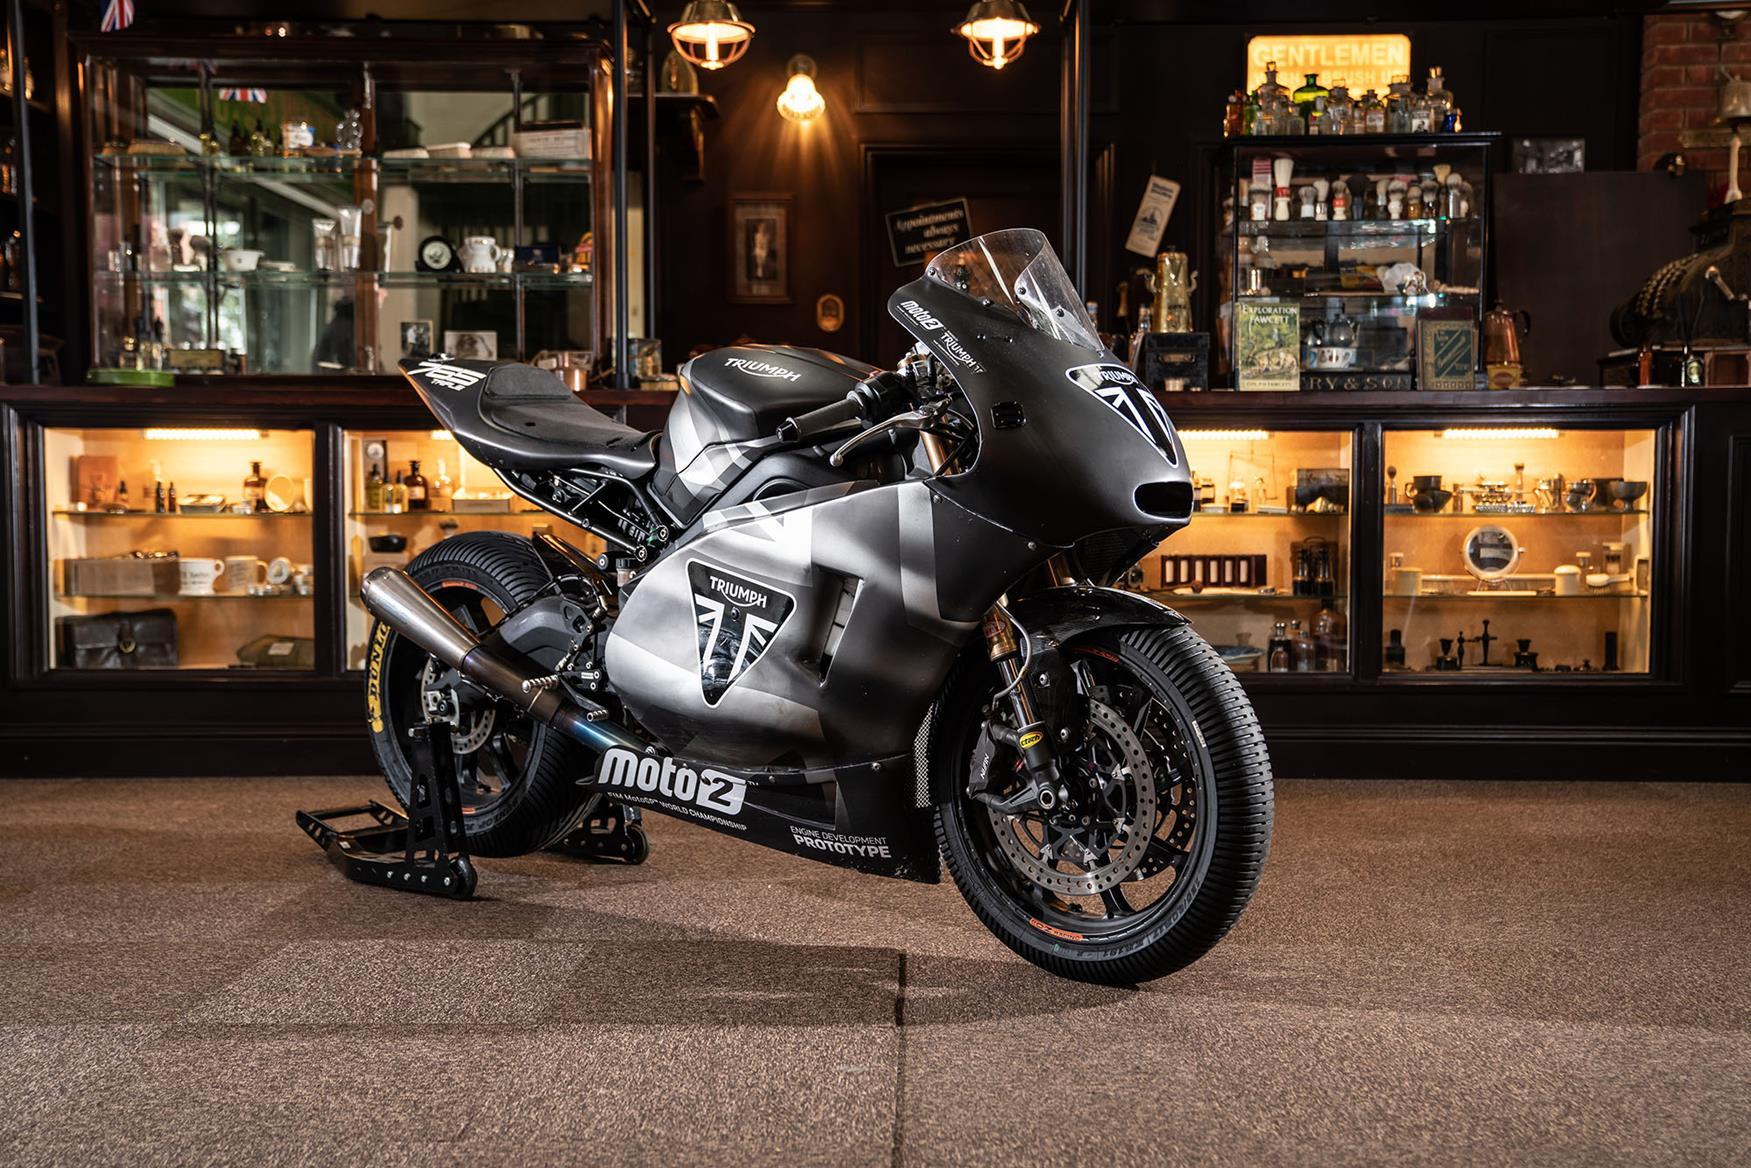 Triumph Moto2 prototype